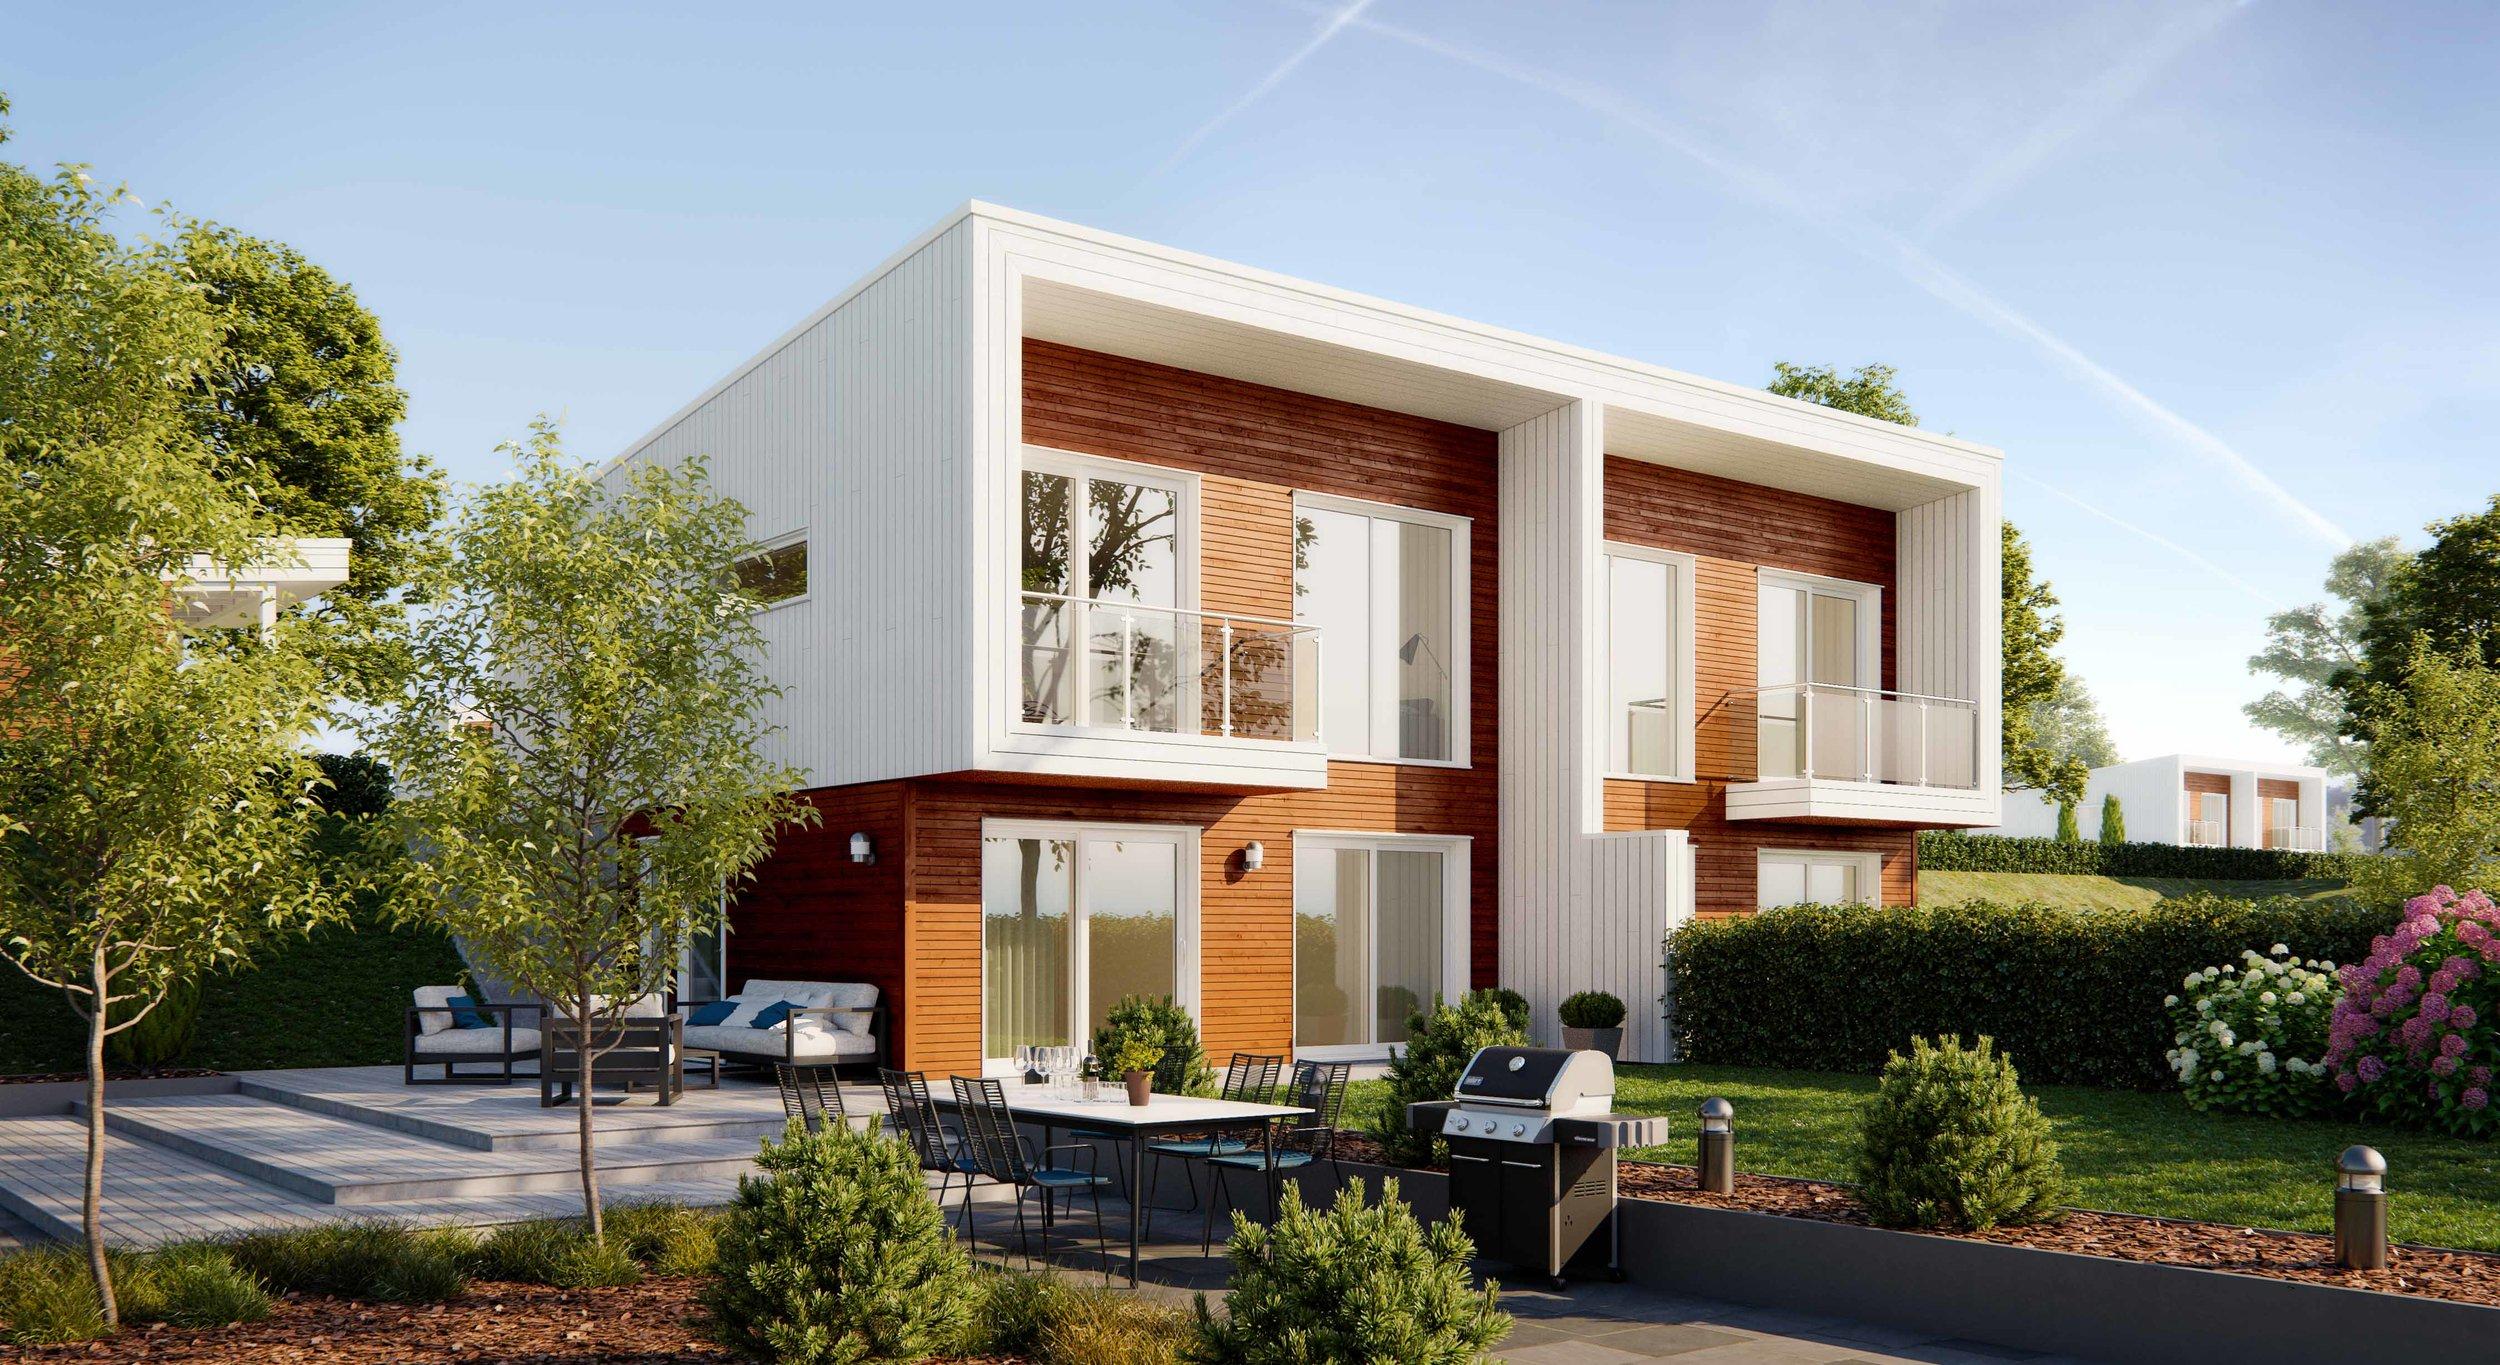 SIGNATUR 300  - TOMANNSBOLIG BRA 125 m² | Soverom 3